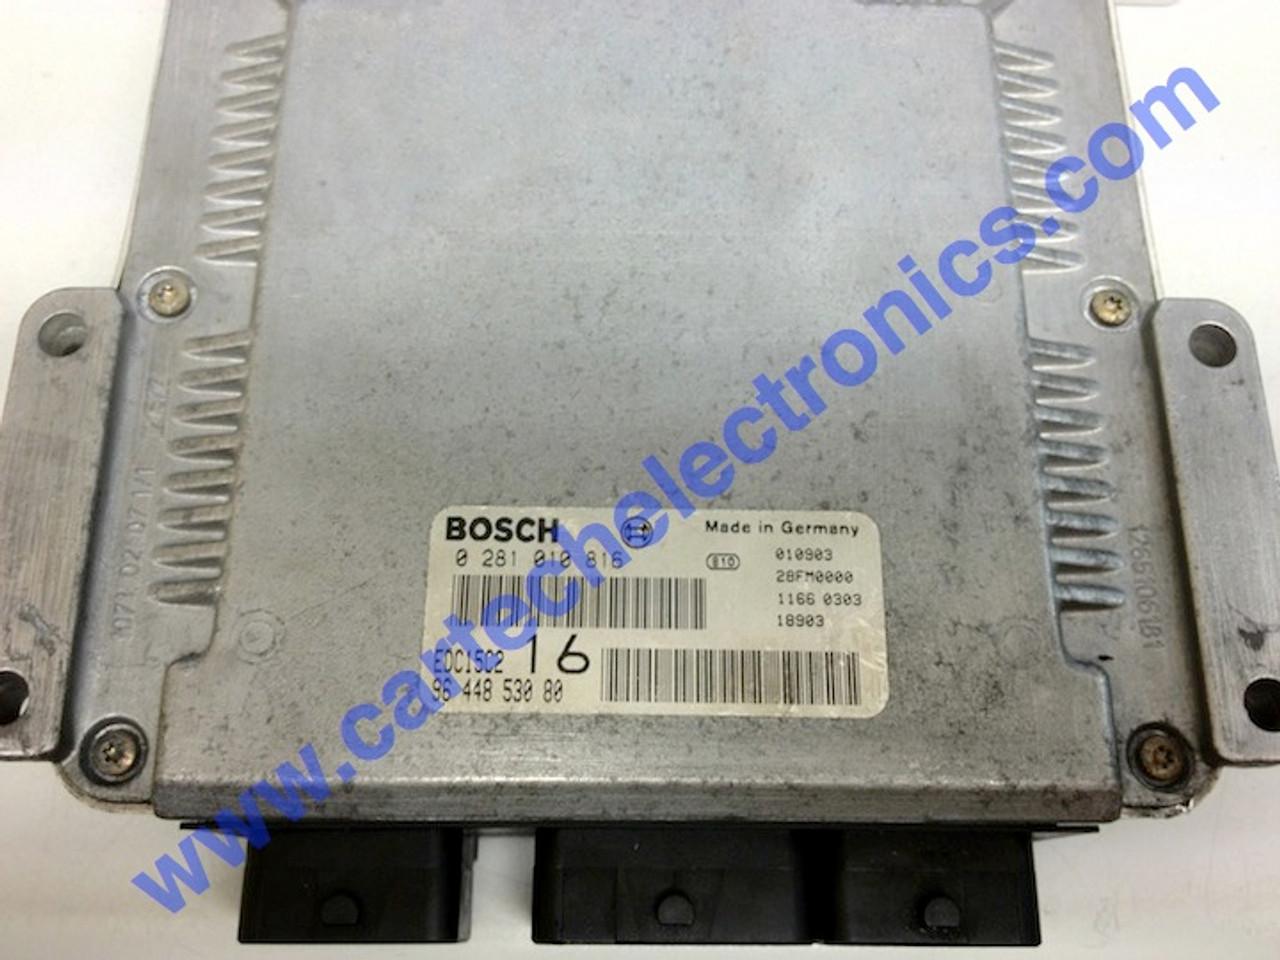 Citroen Jumpy 2.0HDi Peugeot Expert 2.0 HDi 0281010816 9644853080 0 281 010 816 96 448 530 80 EDC15C2